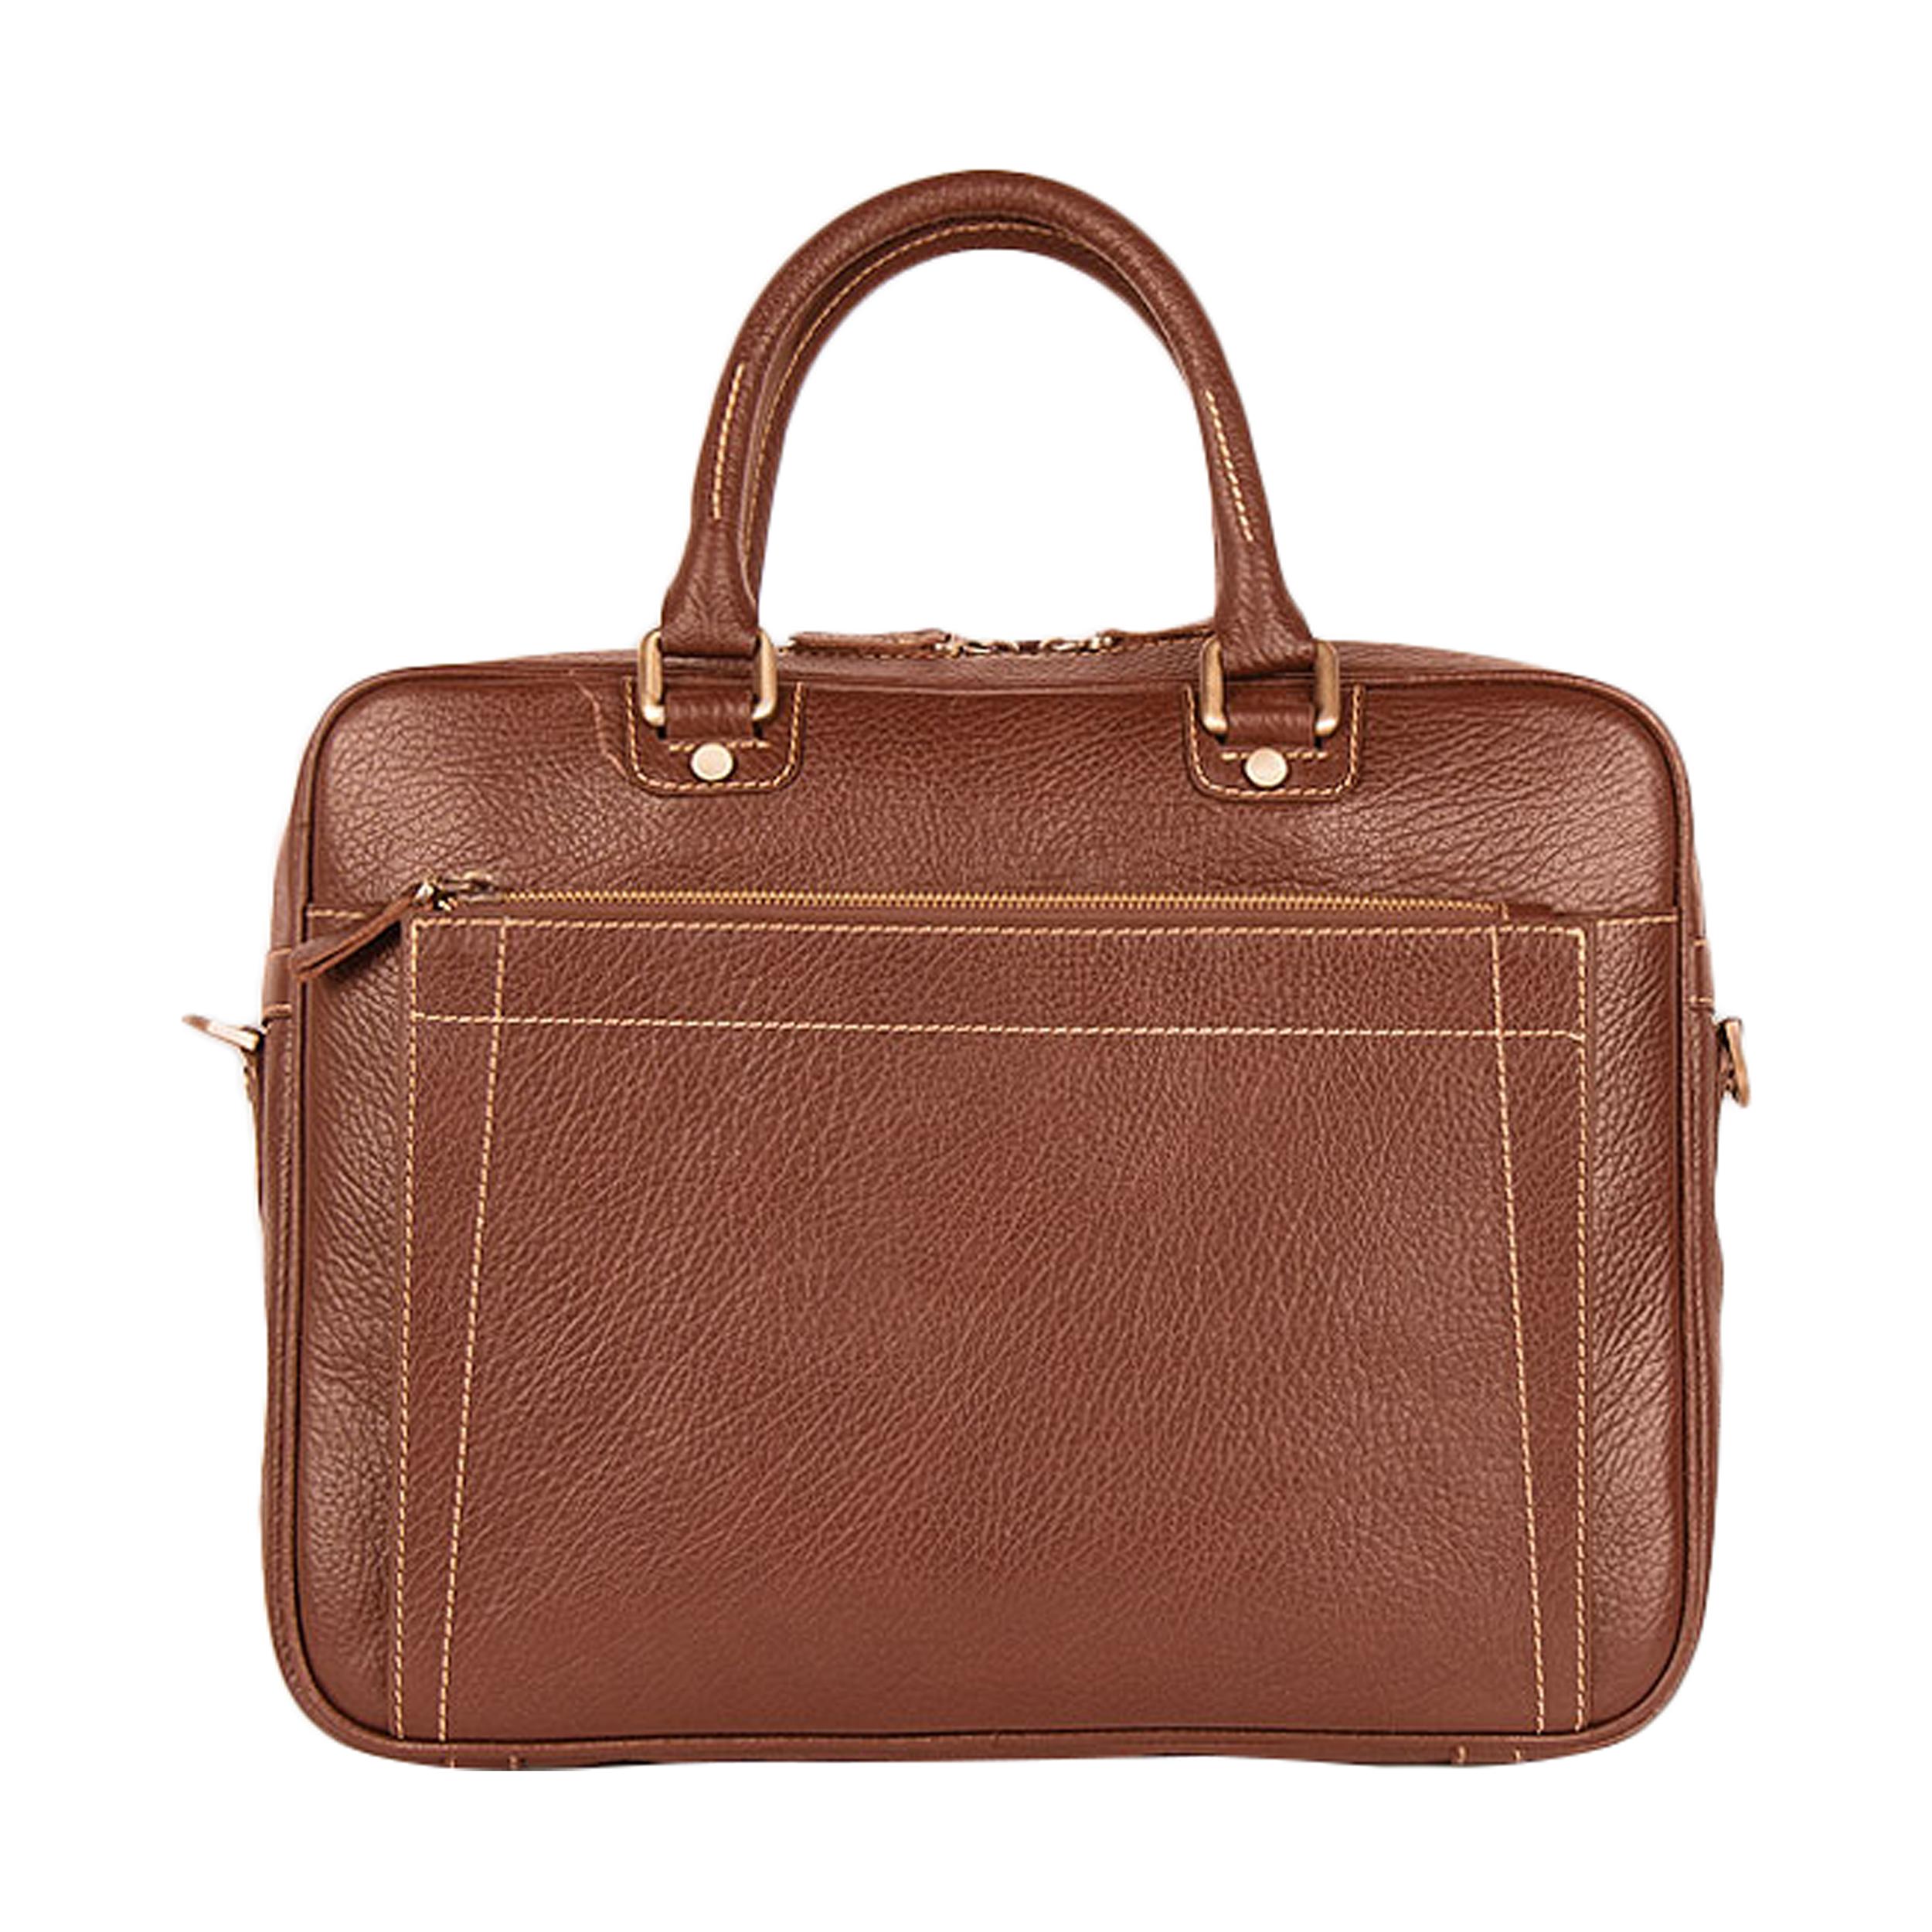 کیف اداری مردانه پاندورا مدل 408037260300